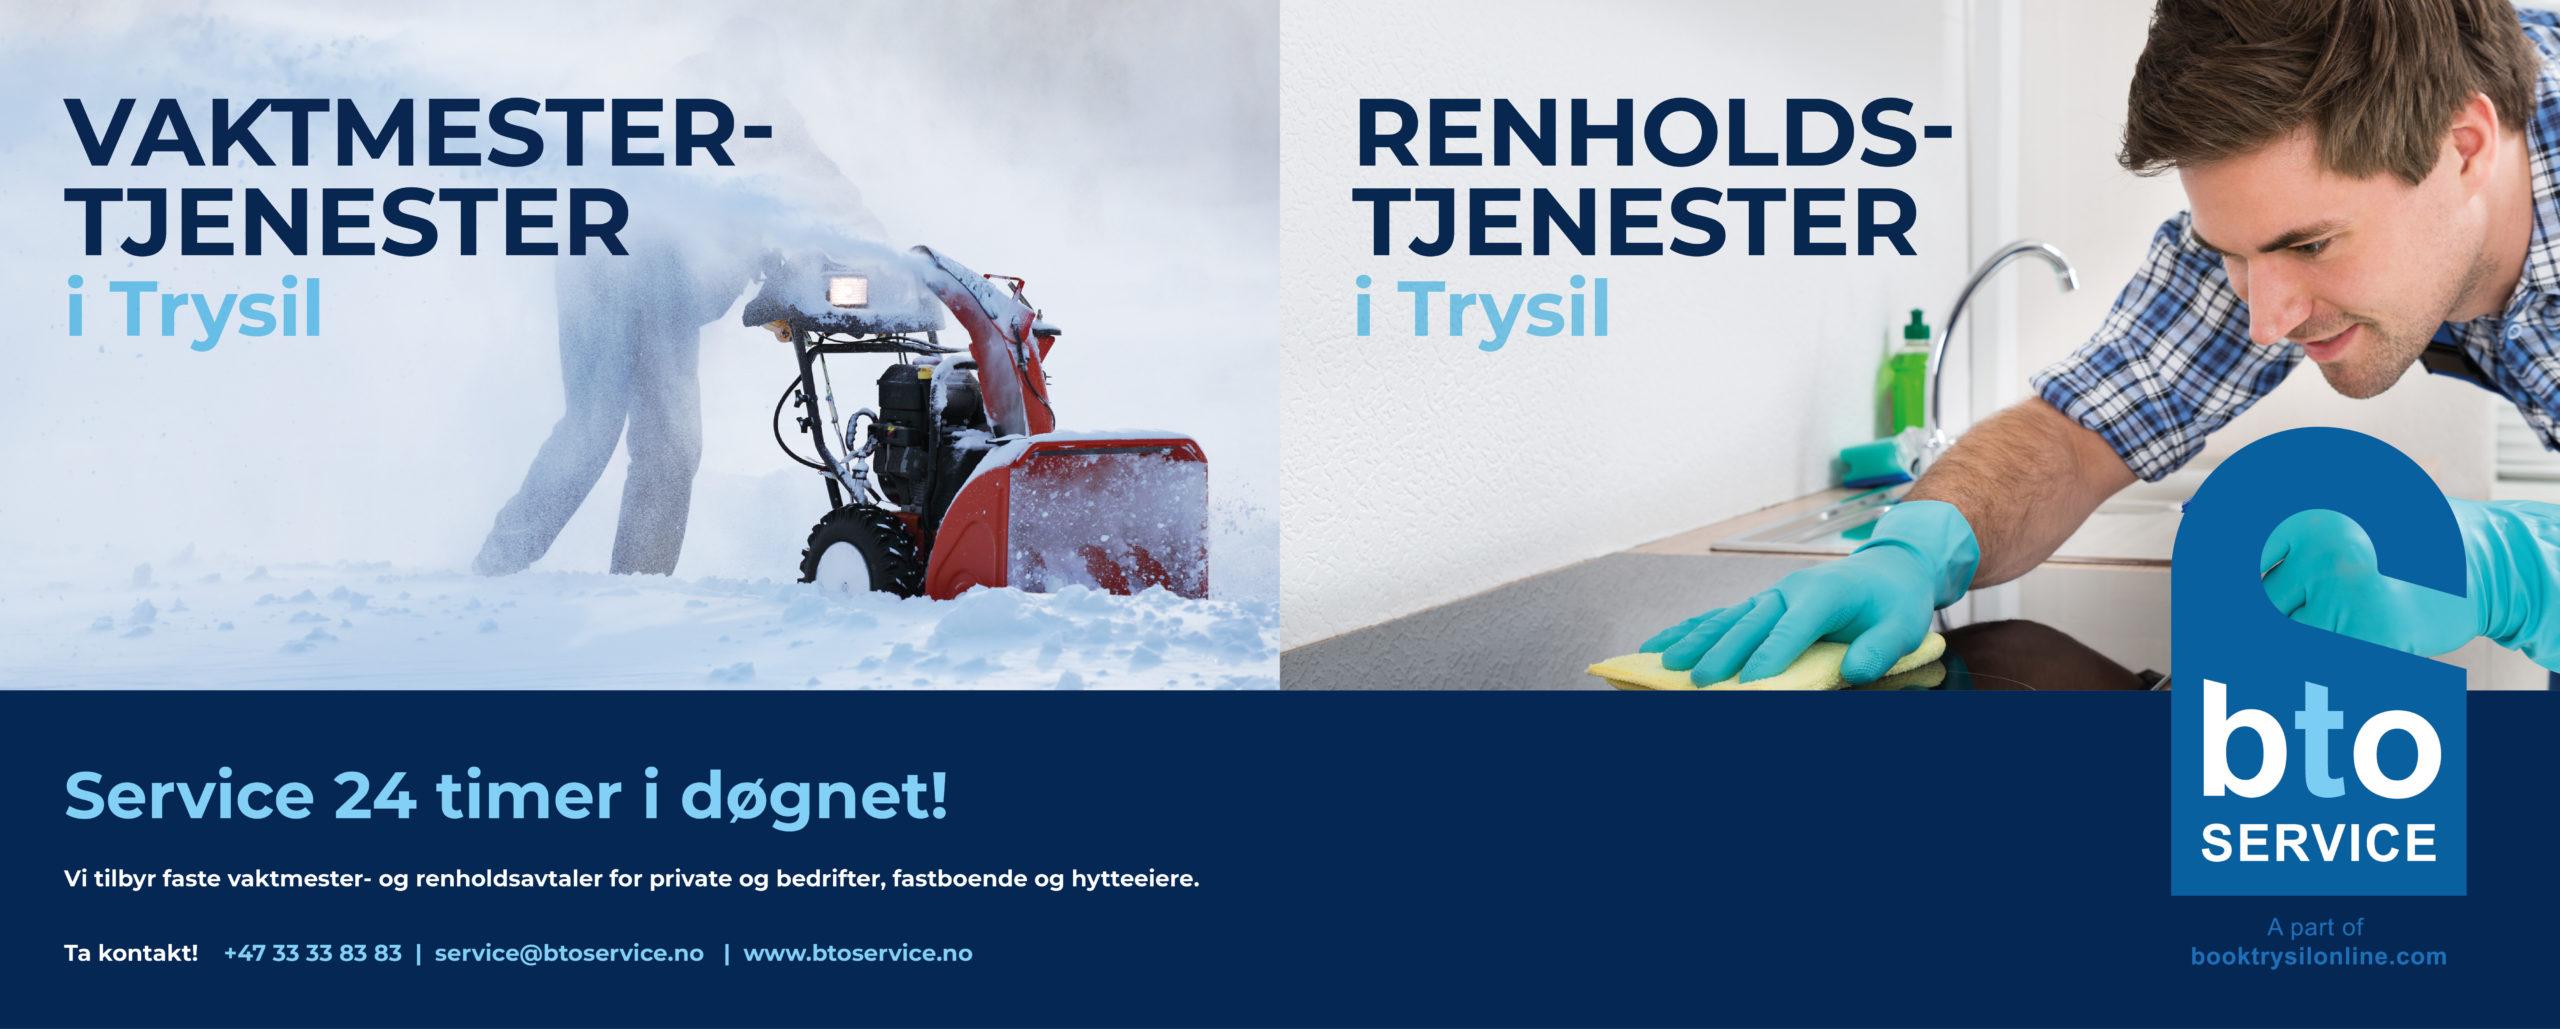 BTO service annonse, vaktmester og renholdstjenester i Trysil